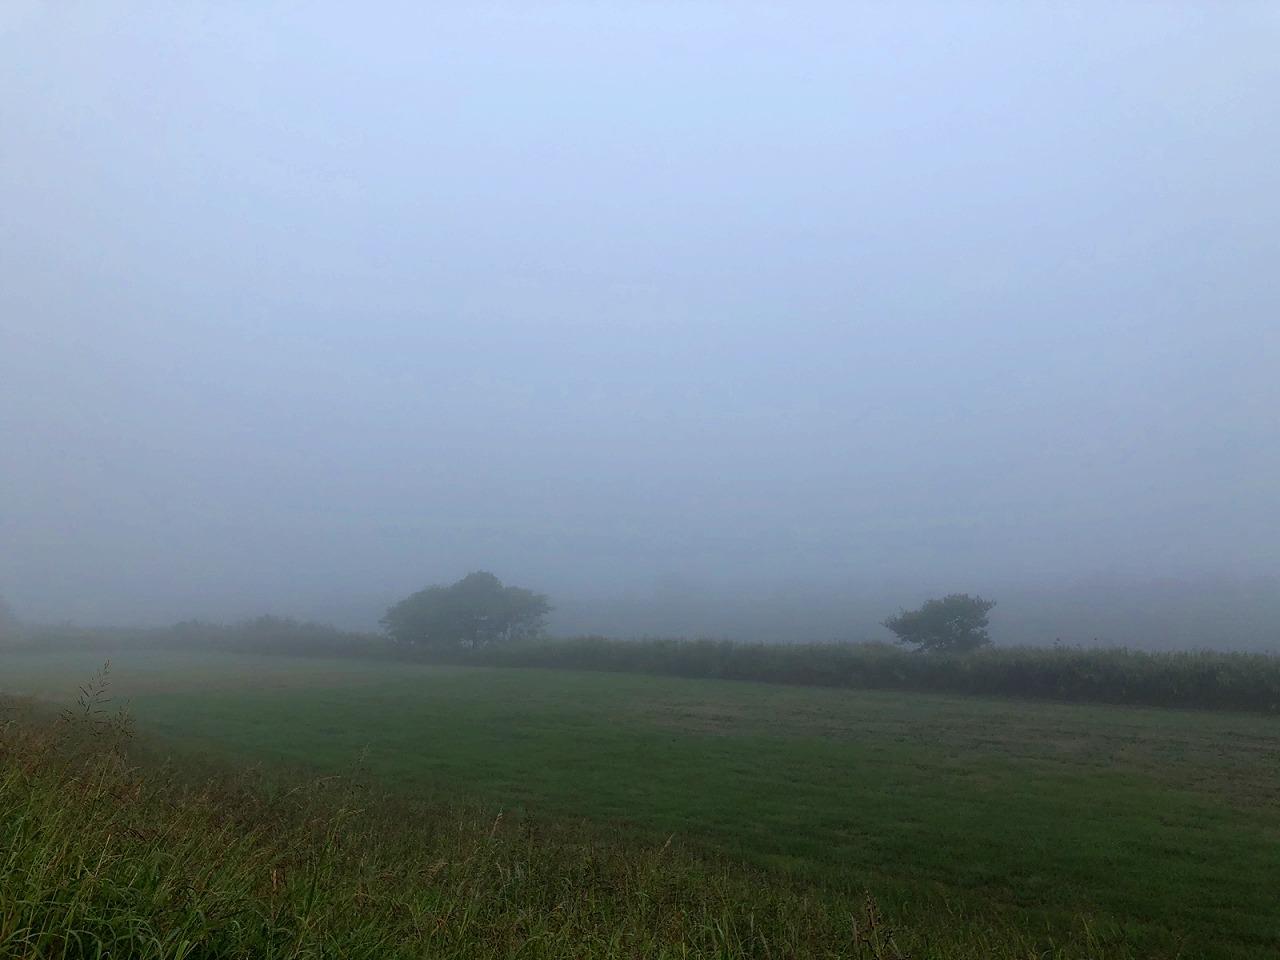 2018.10.24今朝の金峰山です。 霧で何もみえません。。